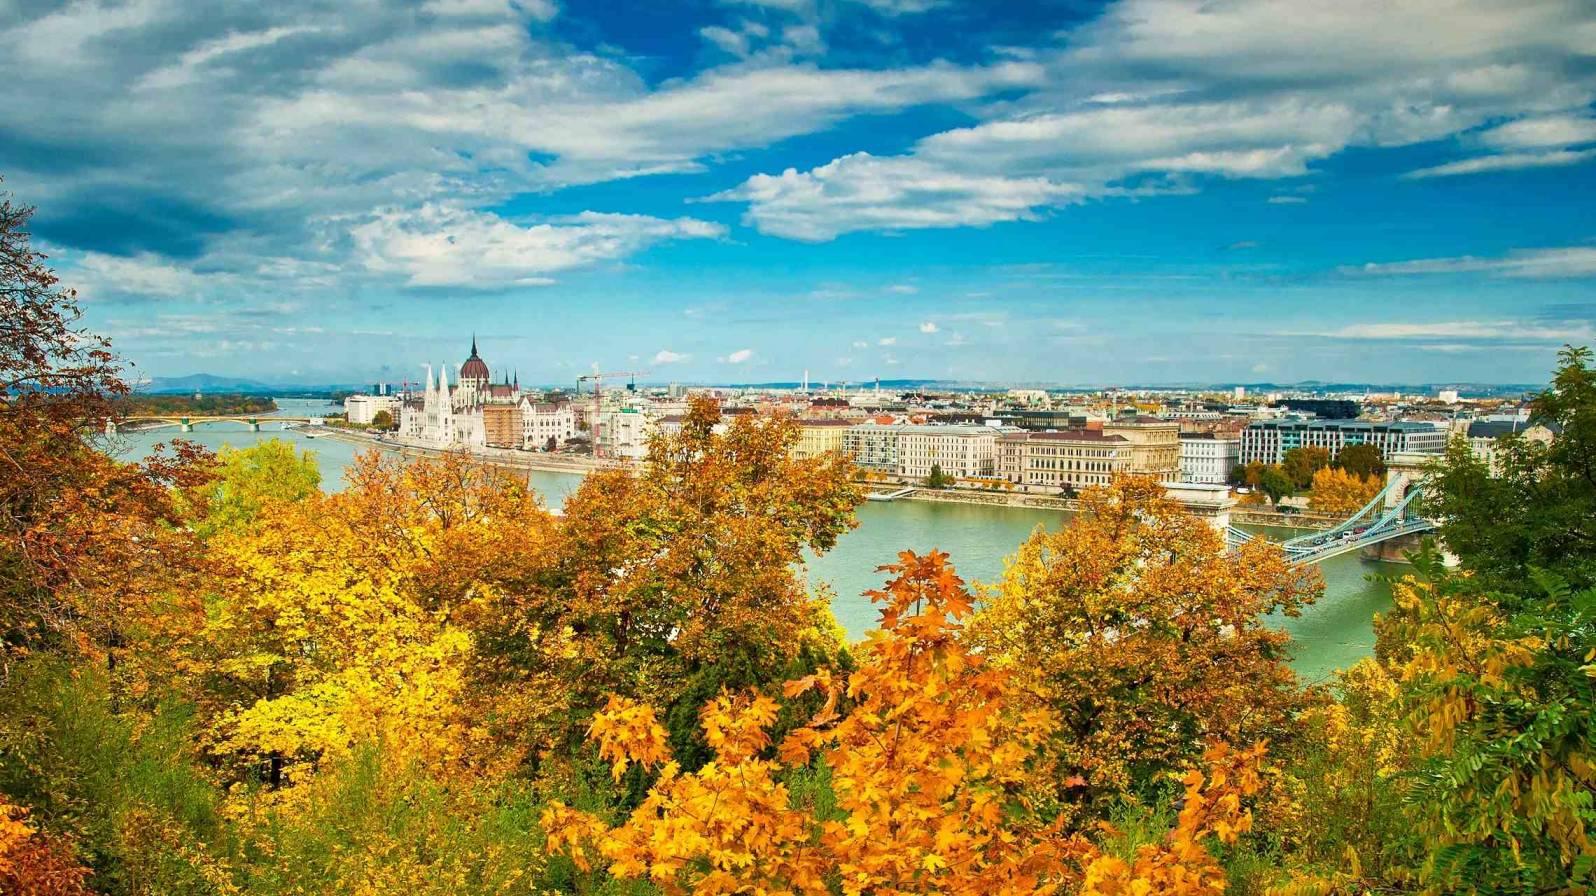 Budapest-syksyllä-Unkari-Tonavan-risteily-1596x896.jpg